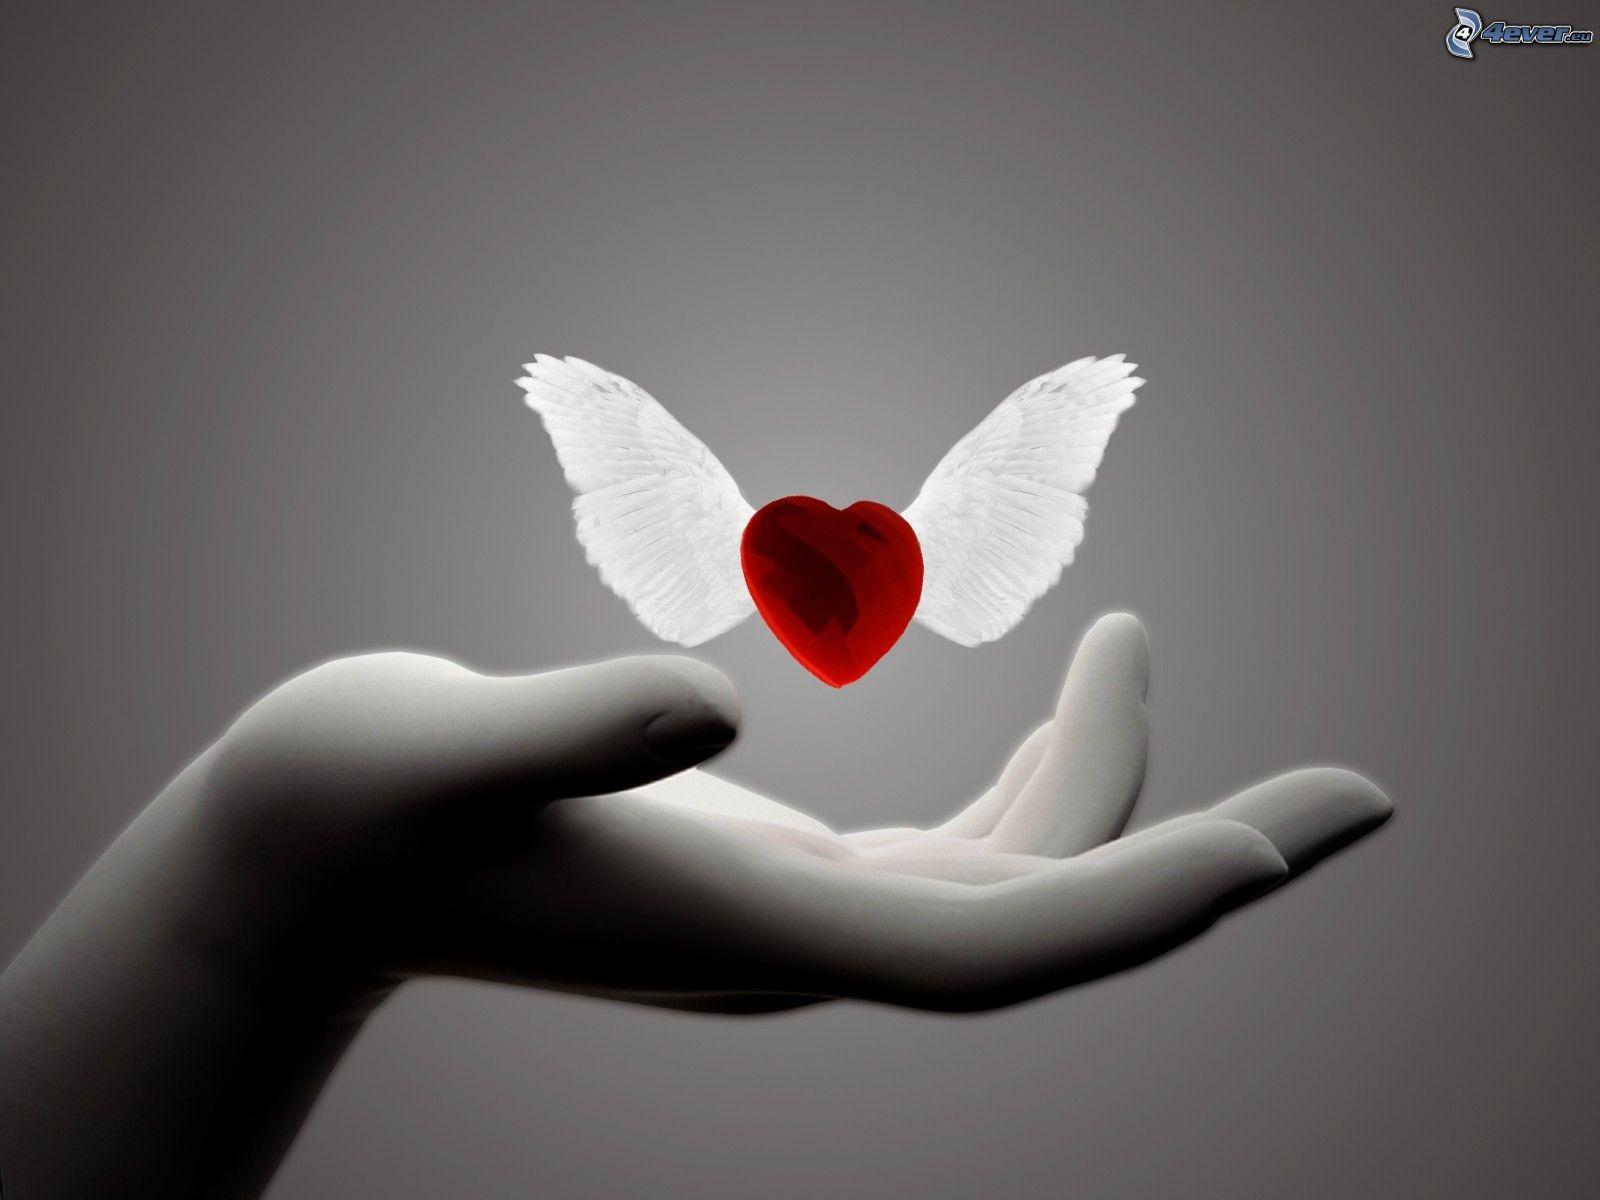 cuore-con-le-ali-154600